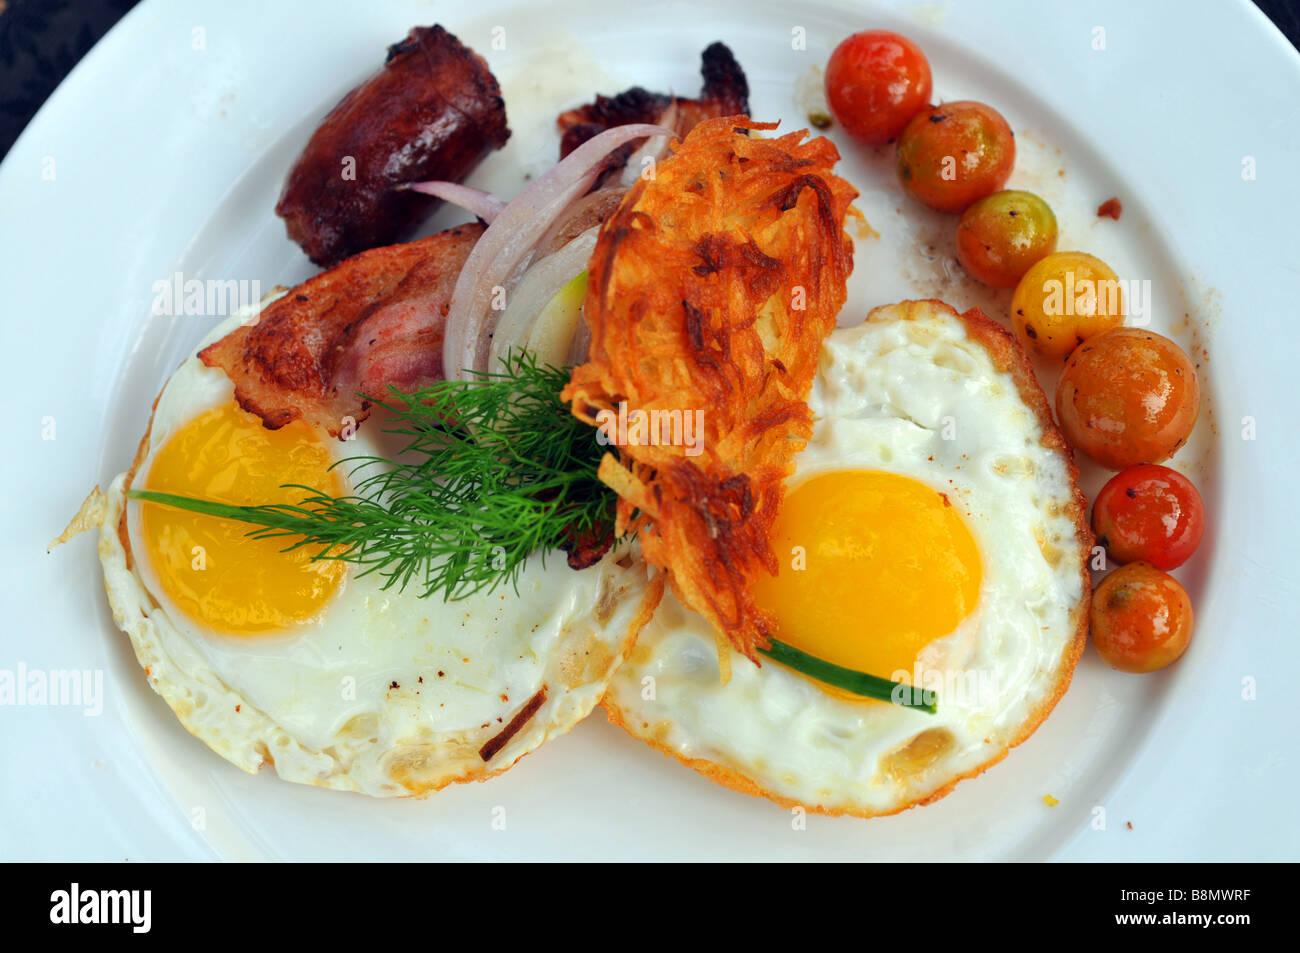 Le petit-déjeuner, une assiette d'œufs au plat, du bacon, des saucisses et tomates Photo Stock